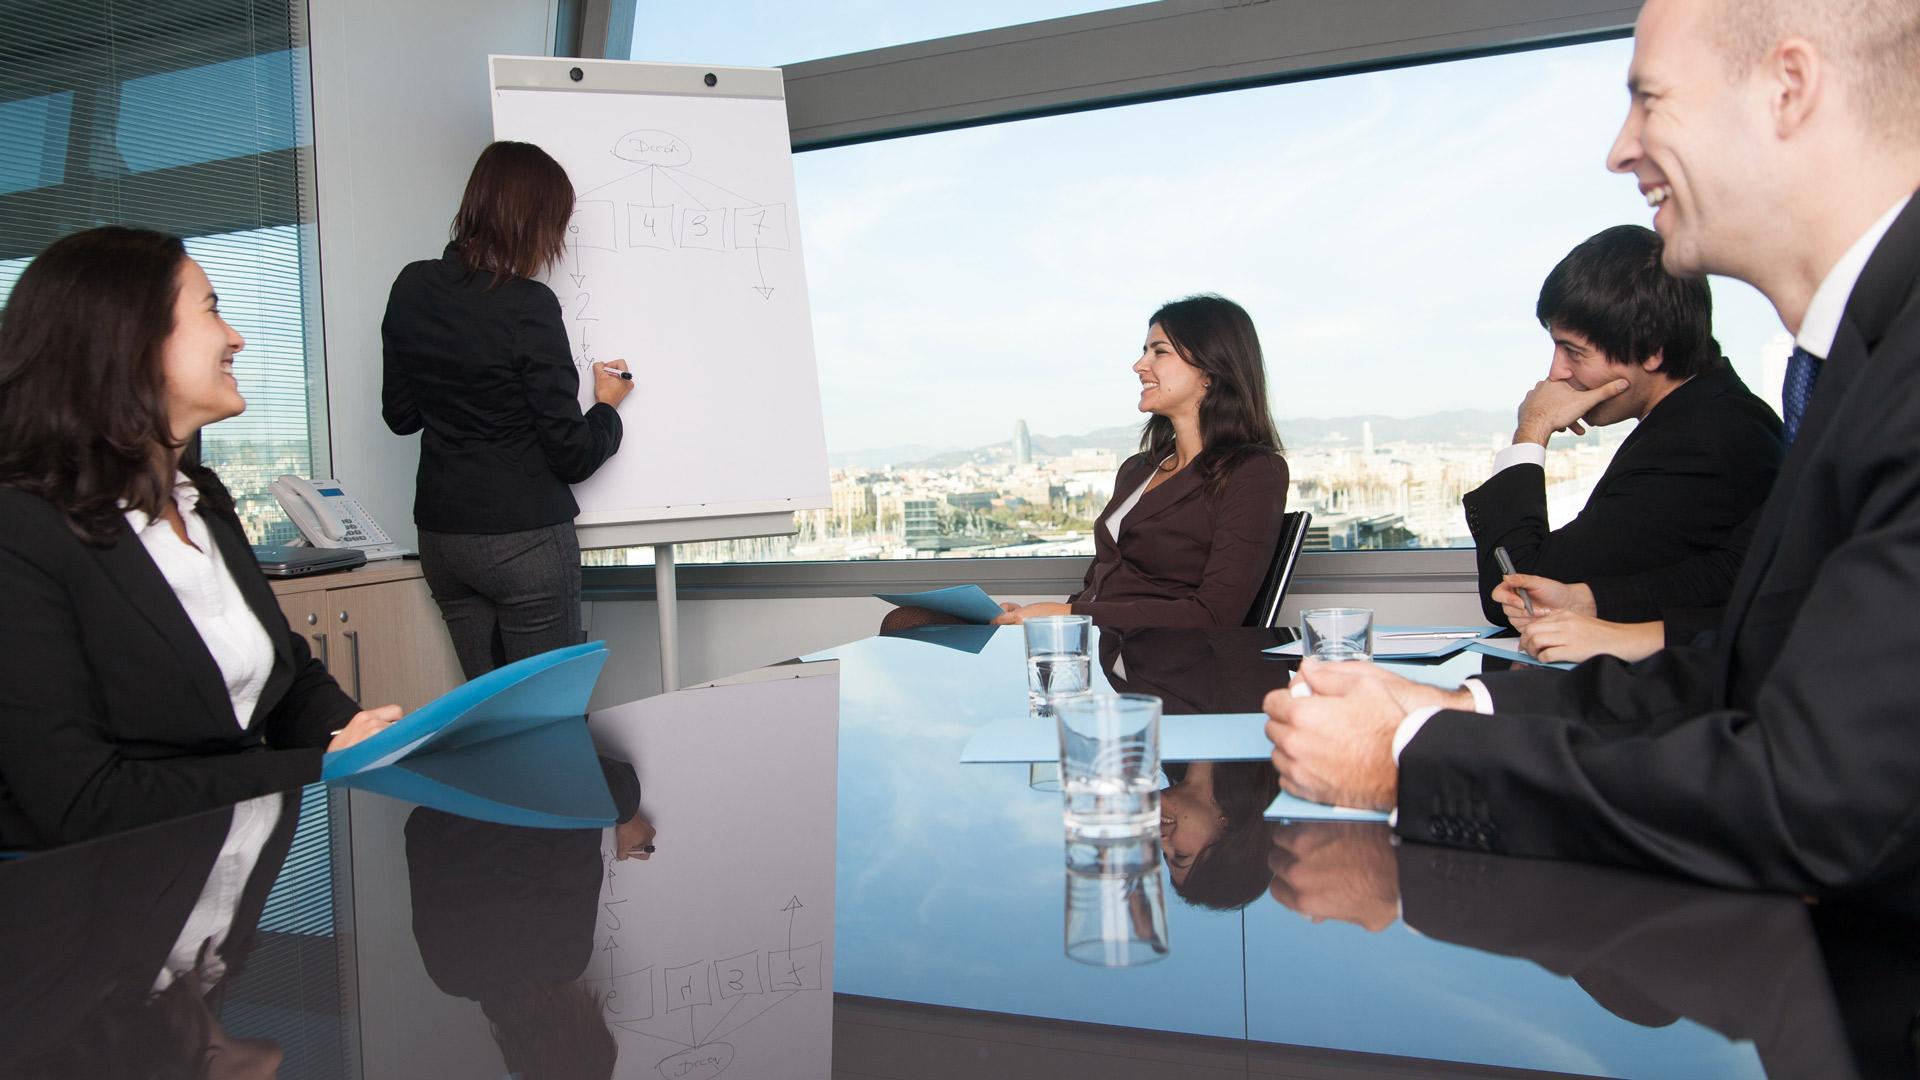 Schulung bei Unternehmen